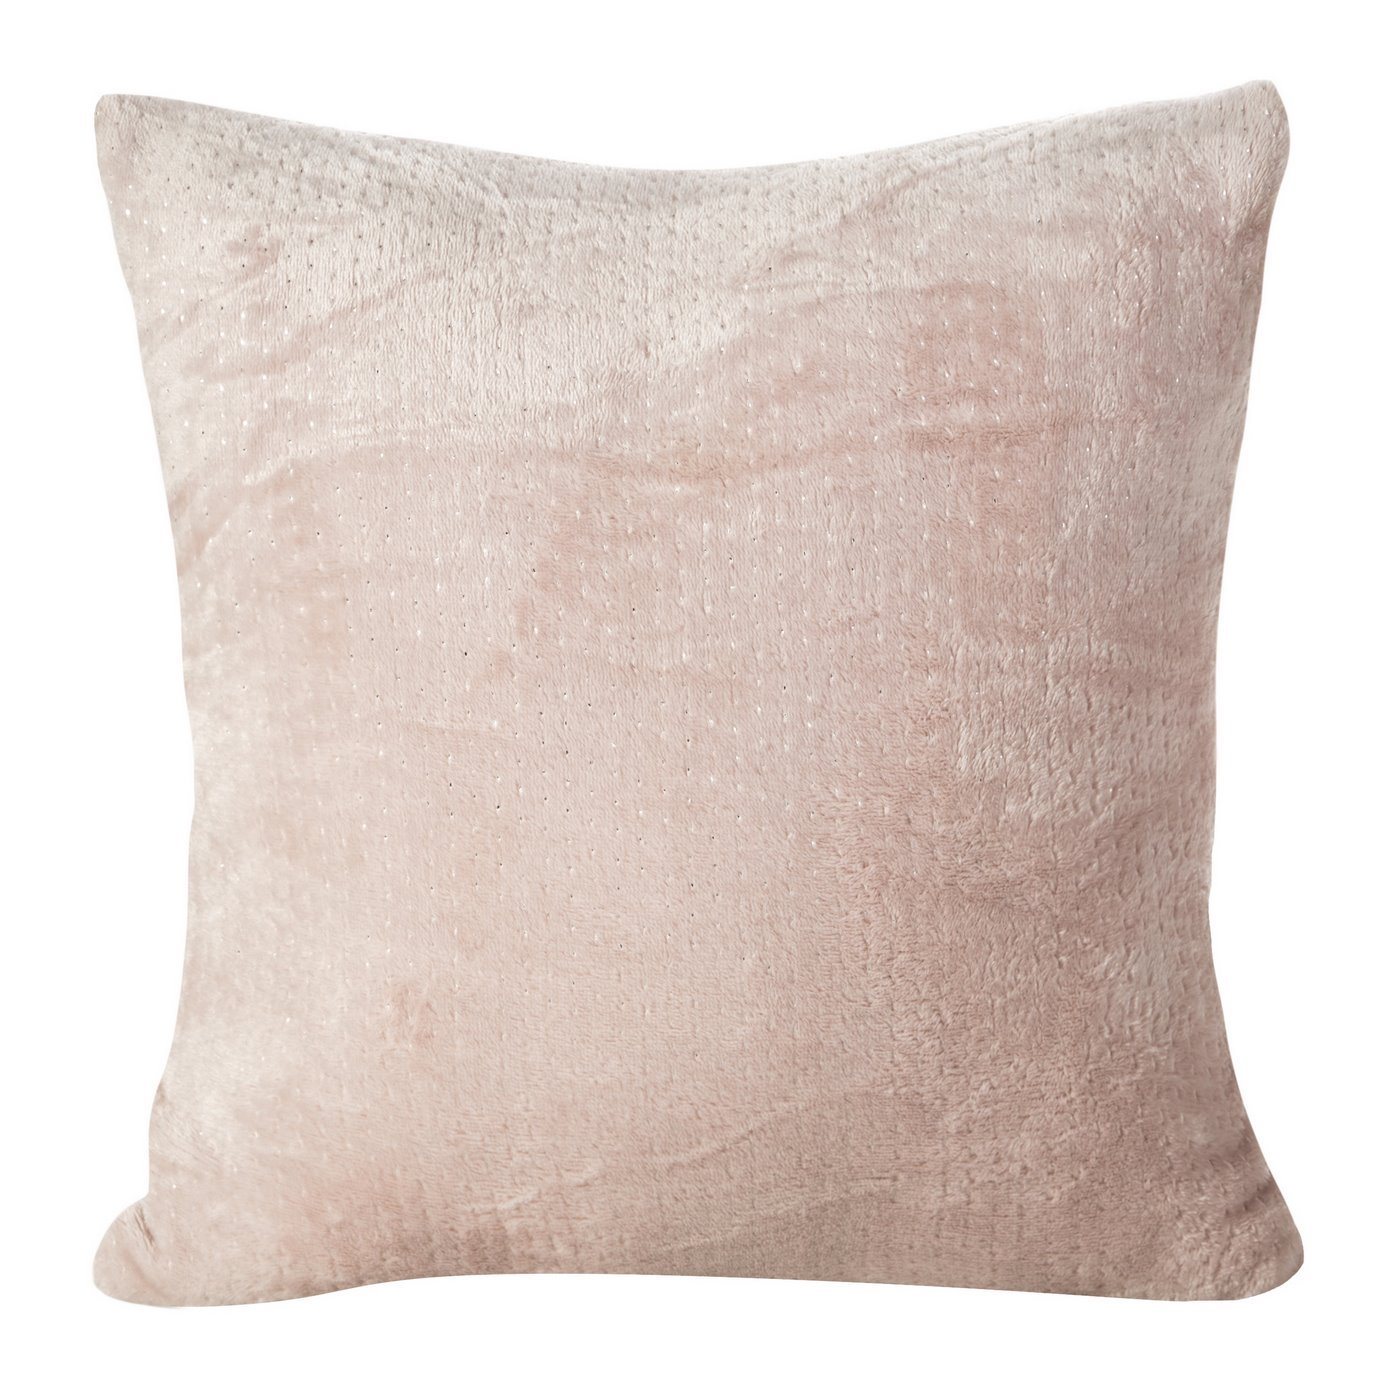 Rożowa POSZEWKA OZDOBNA ze srebrnym nadrukiem 40x40 cm